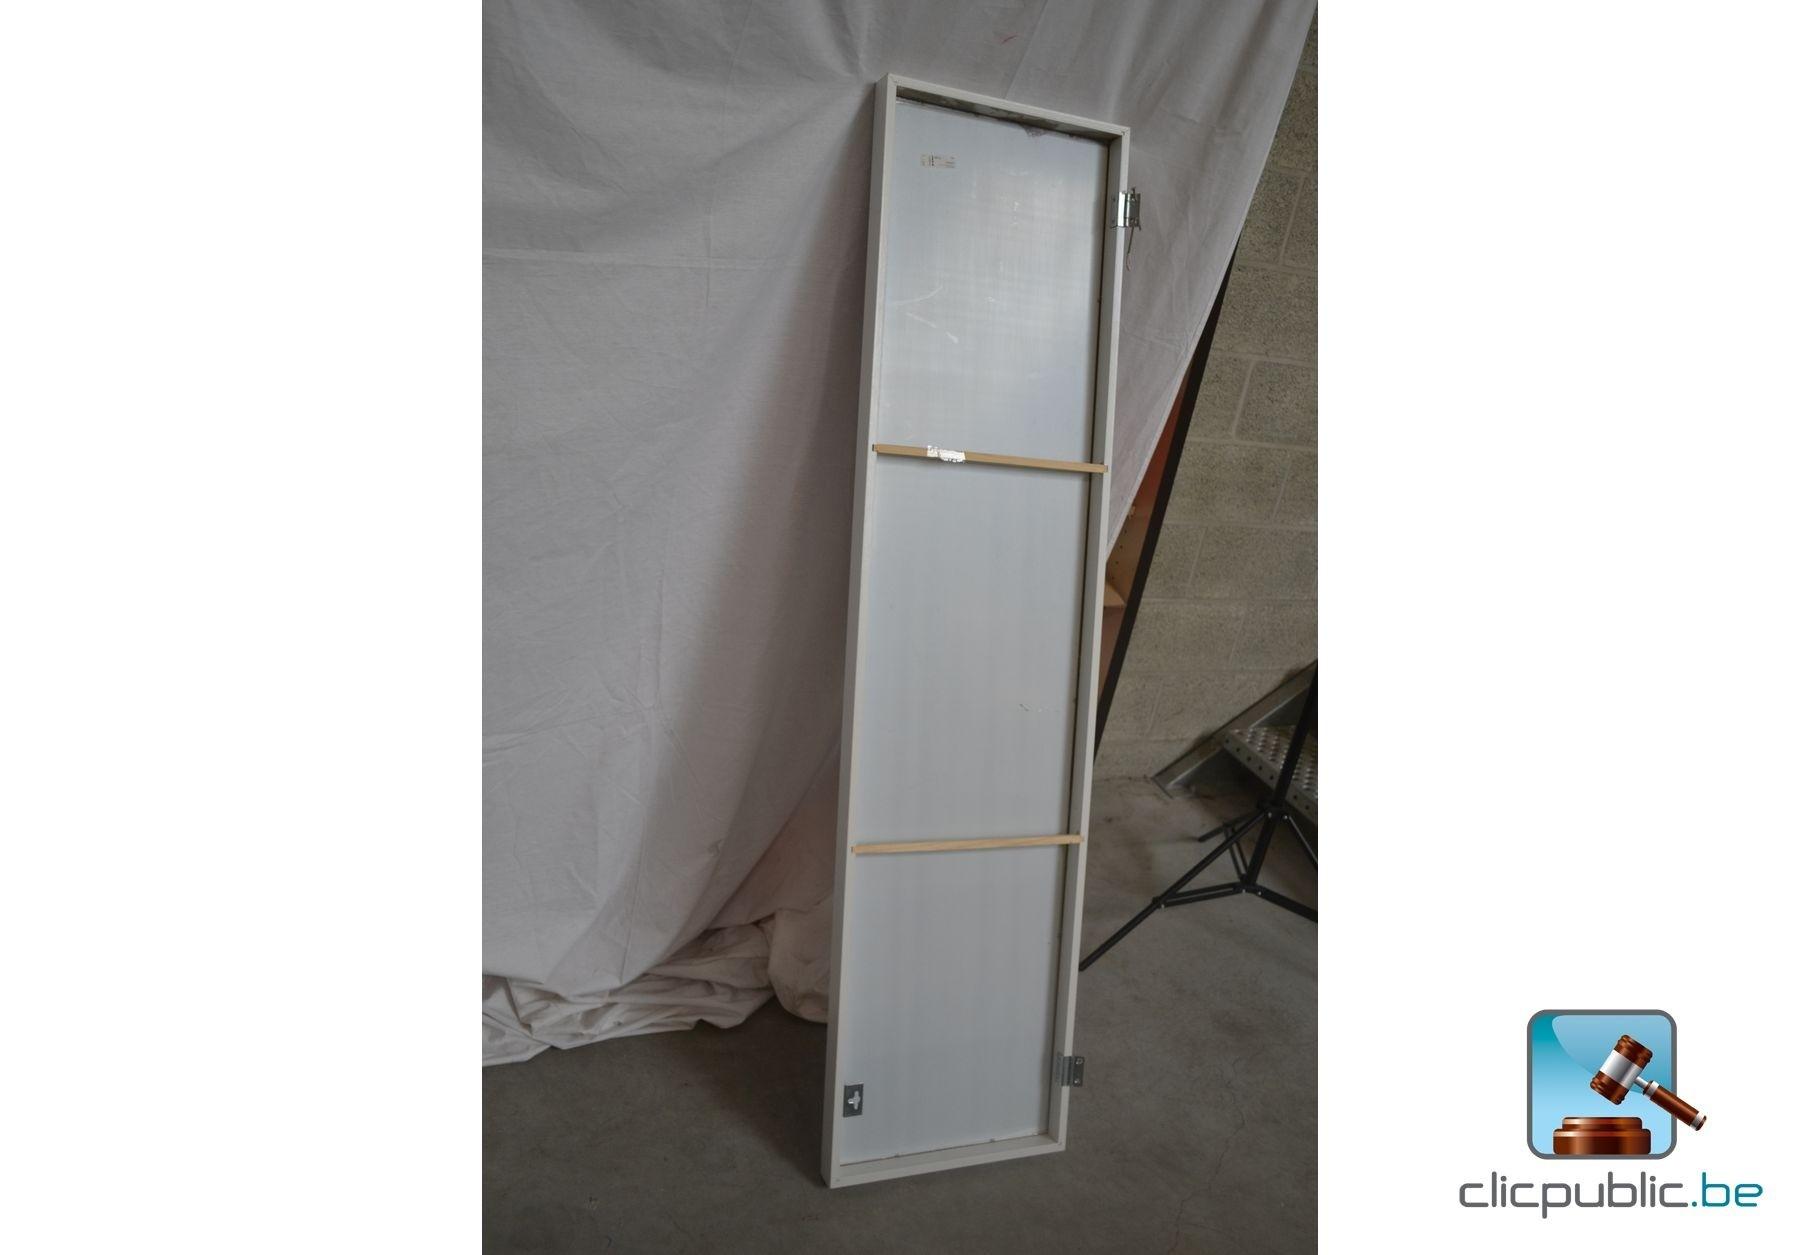 Vente de miroir en ligne maison design - Miroir a coller ikea ...